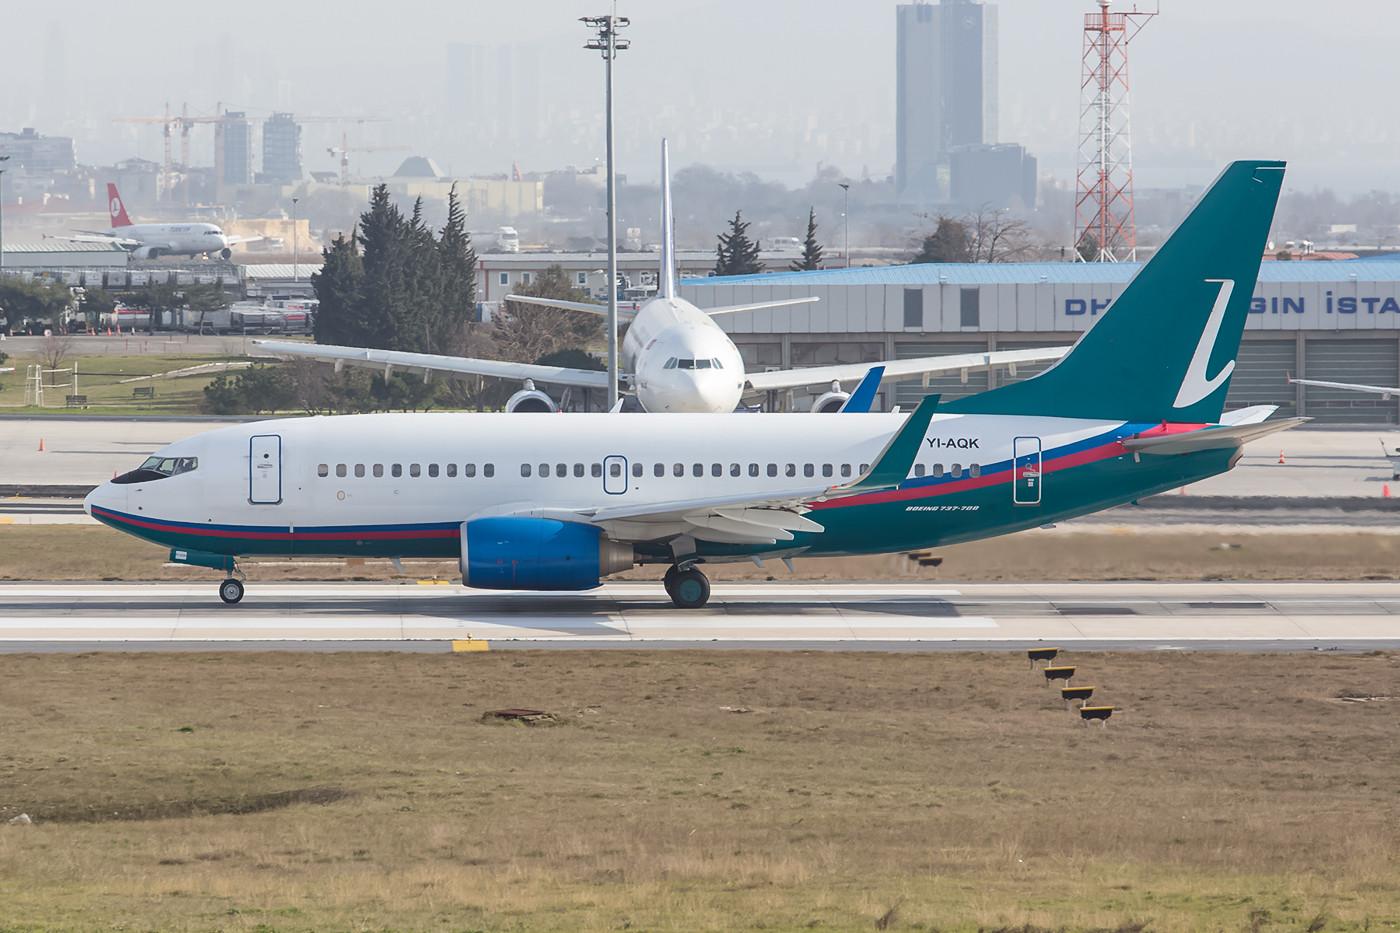 Diese ehemalige Airtran Boeing 737 fliegt nun im Irak.